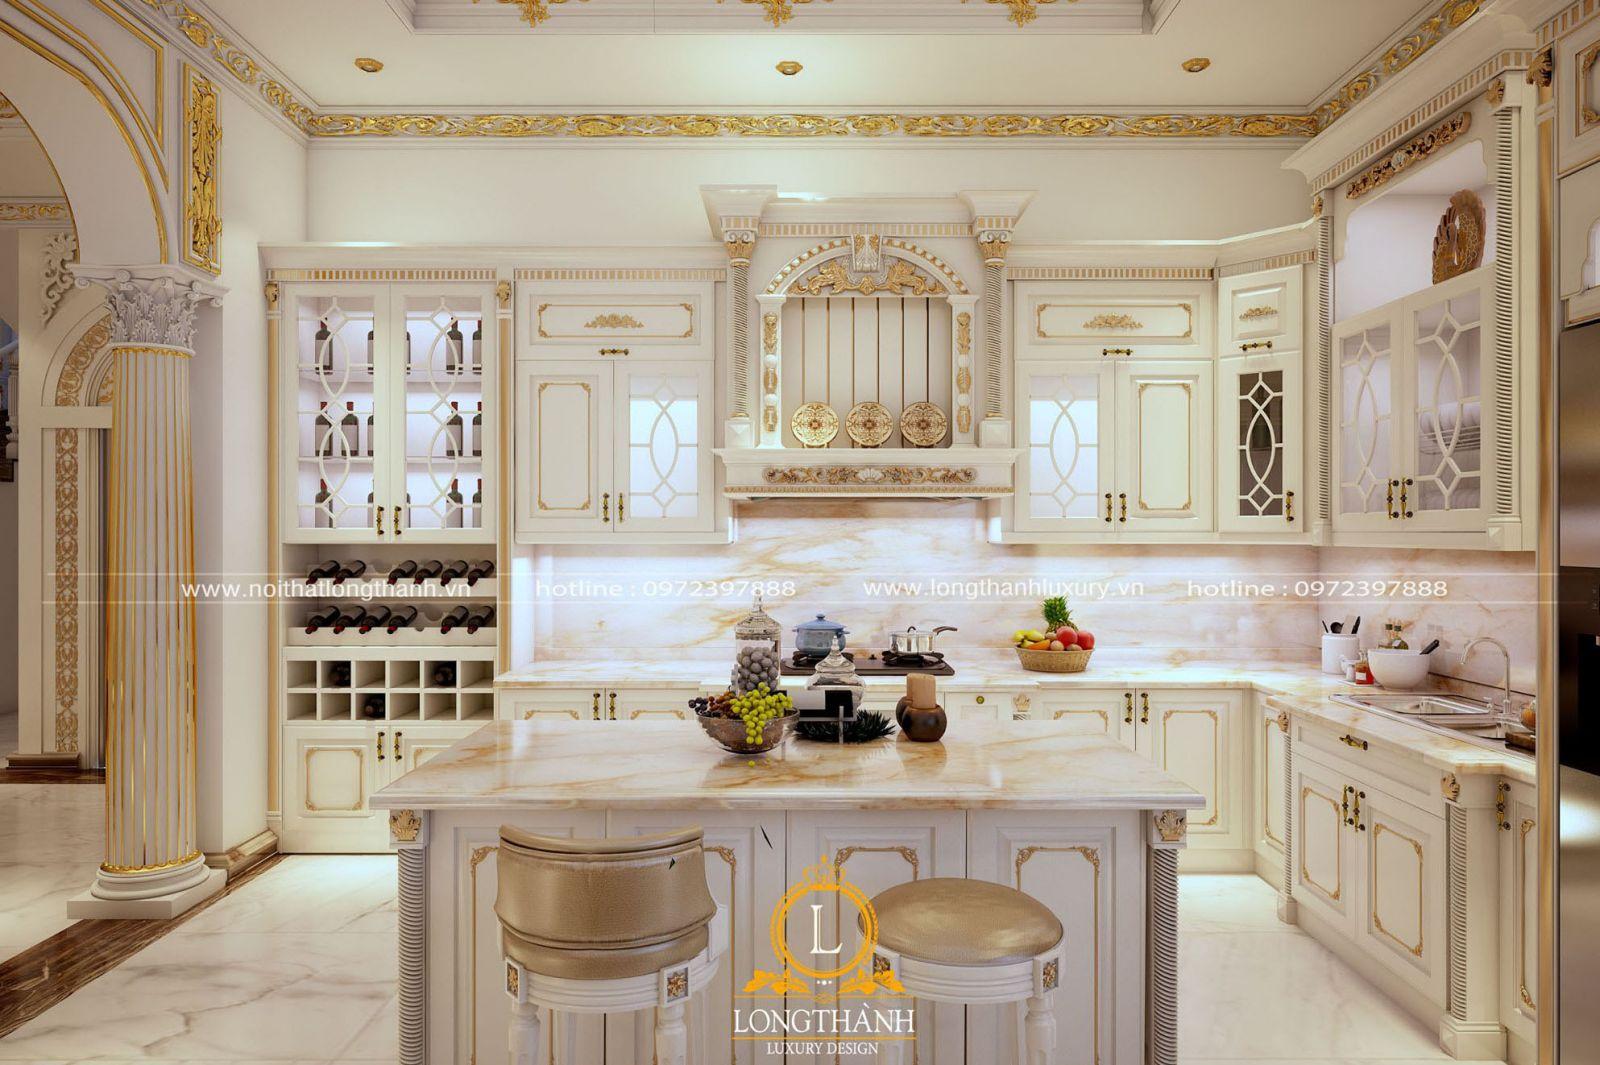 Mẫu tủ bếp chữ L tân cổ điển sơn trắng cho biệt thự